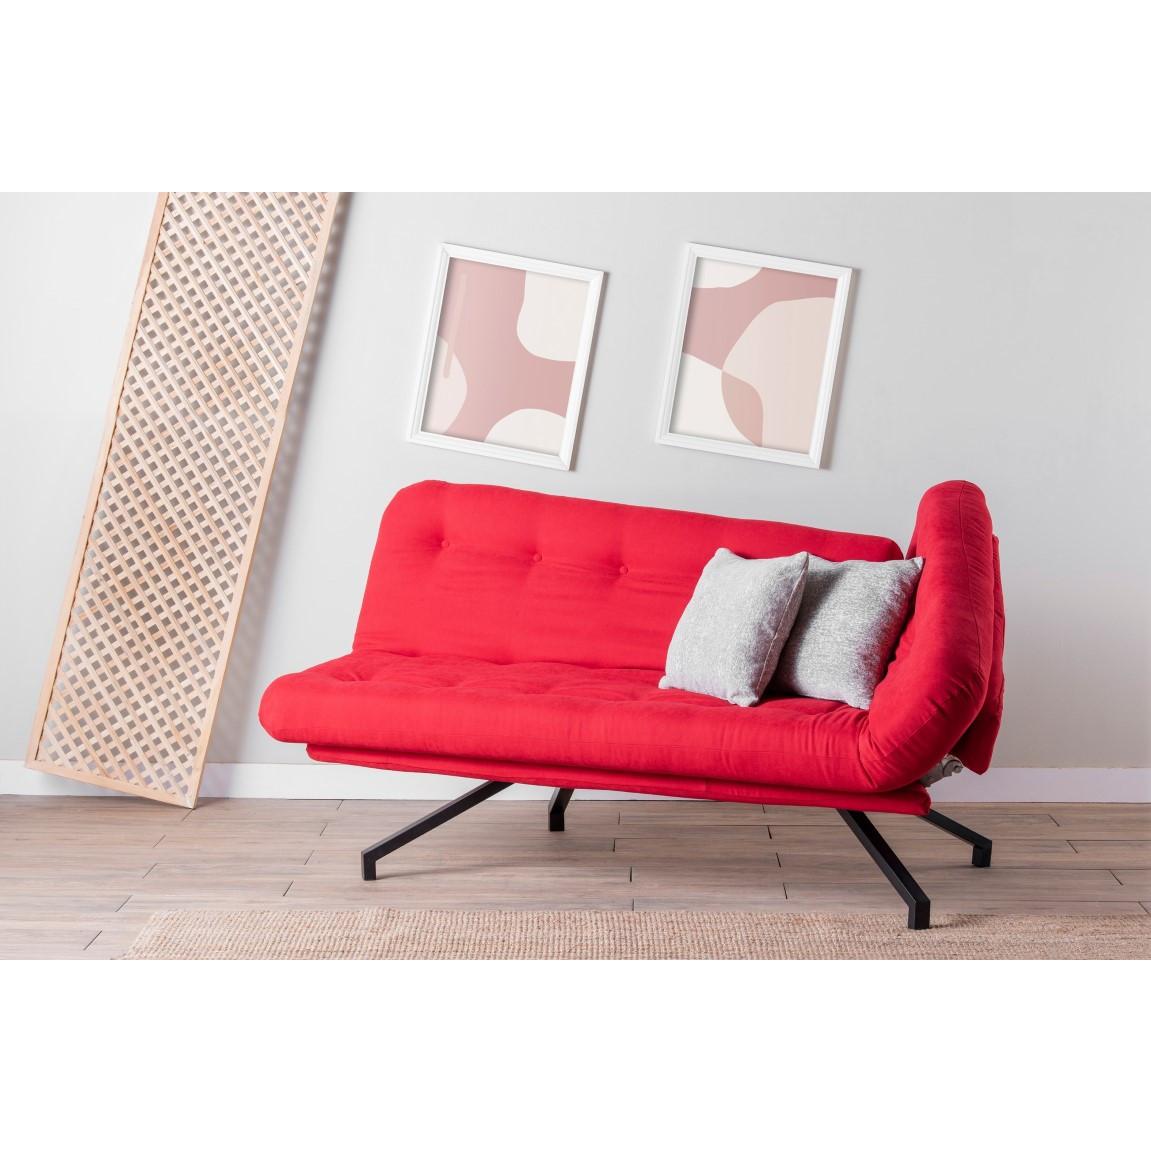 3-Sitz-Sofabett Coxy   Rot